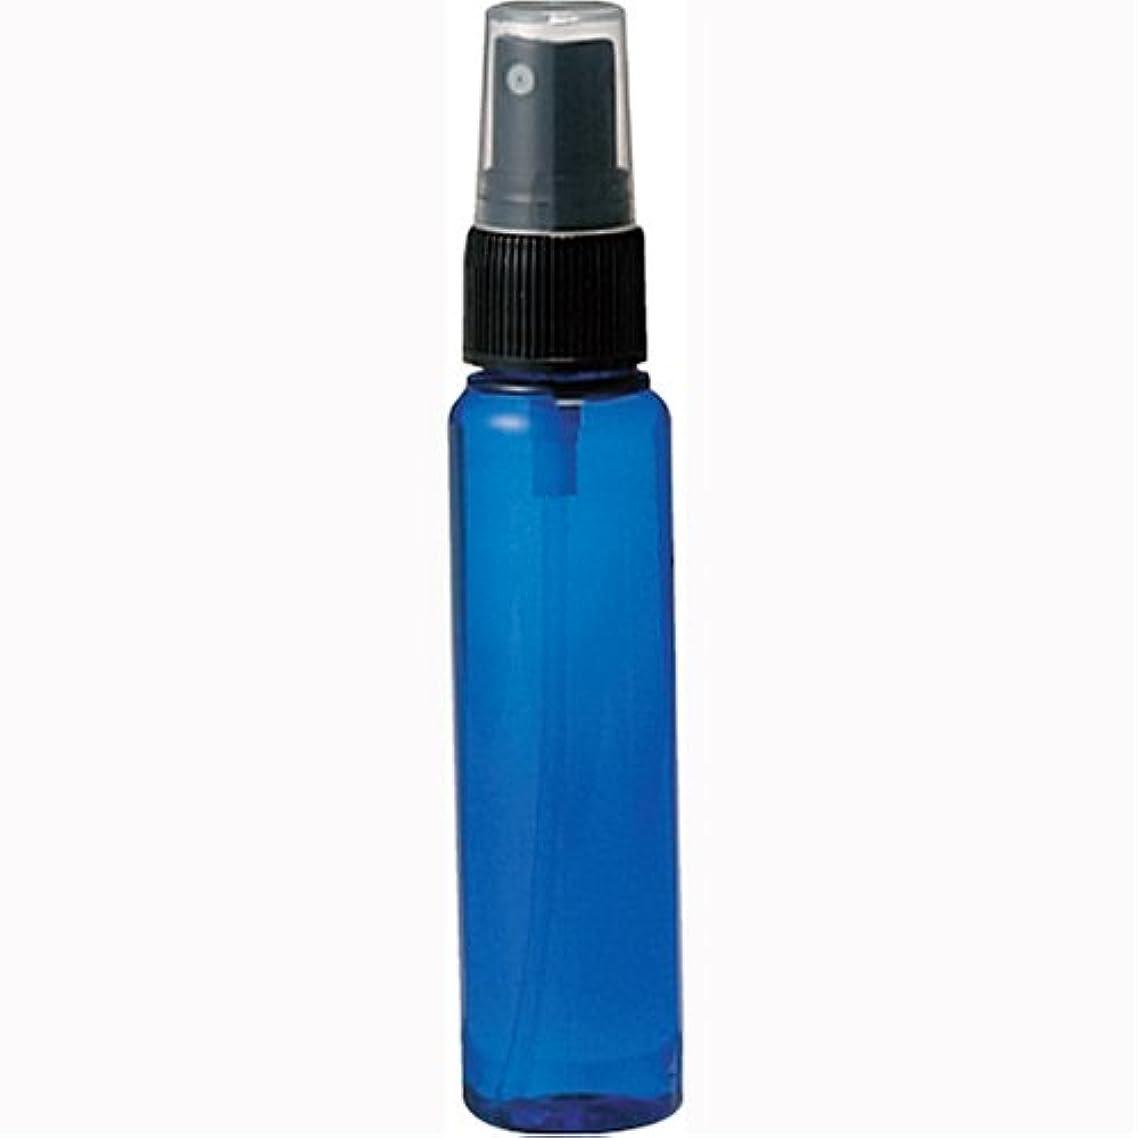 ダイバー有毒ラジウム生活の木 青色PET スプレー容器 50ml